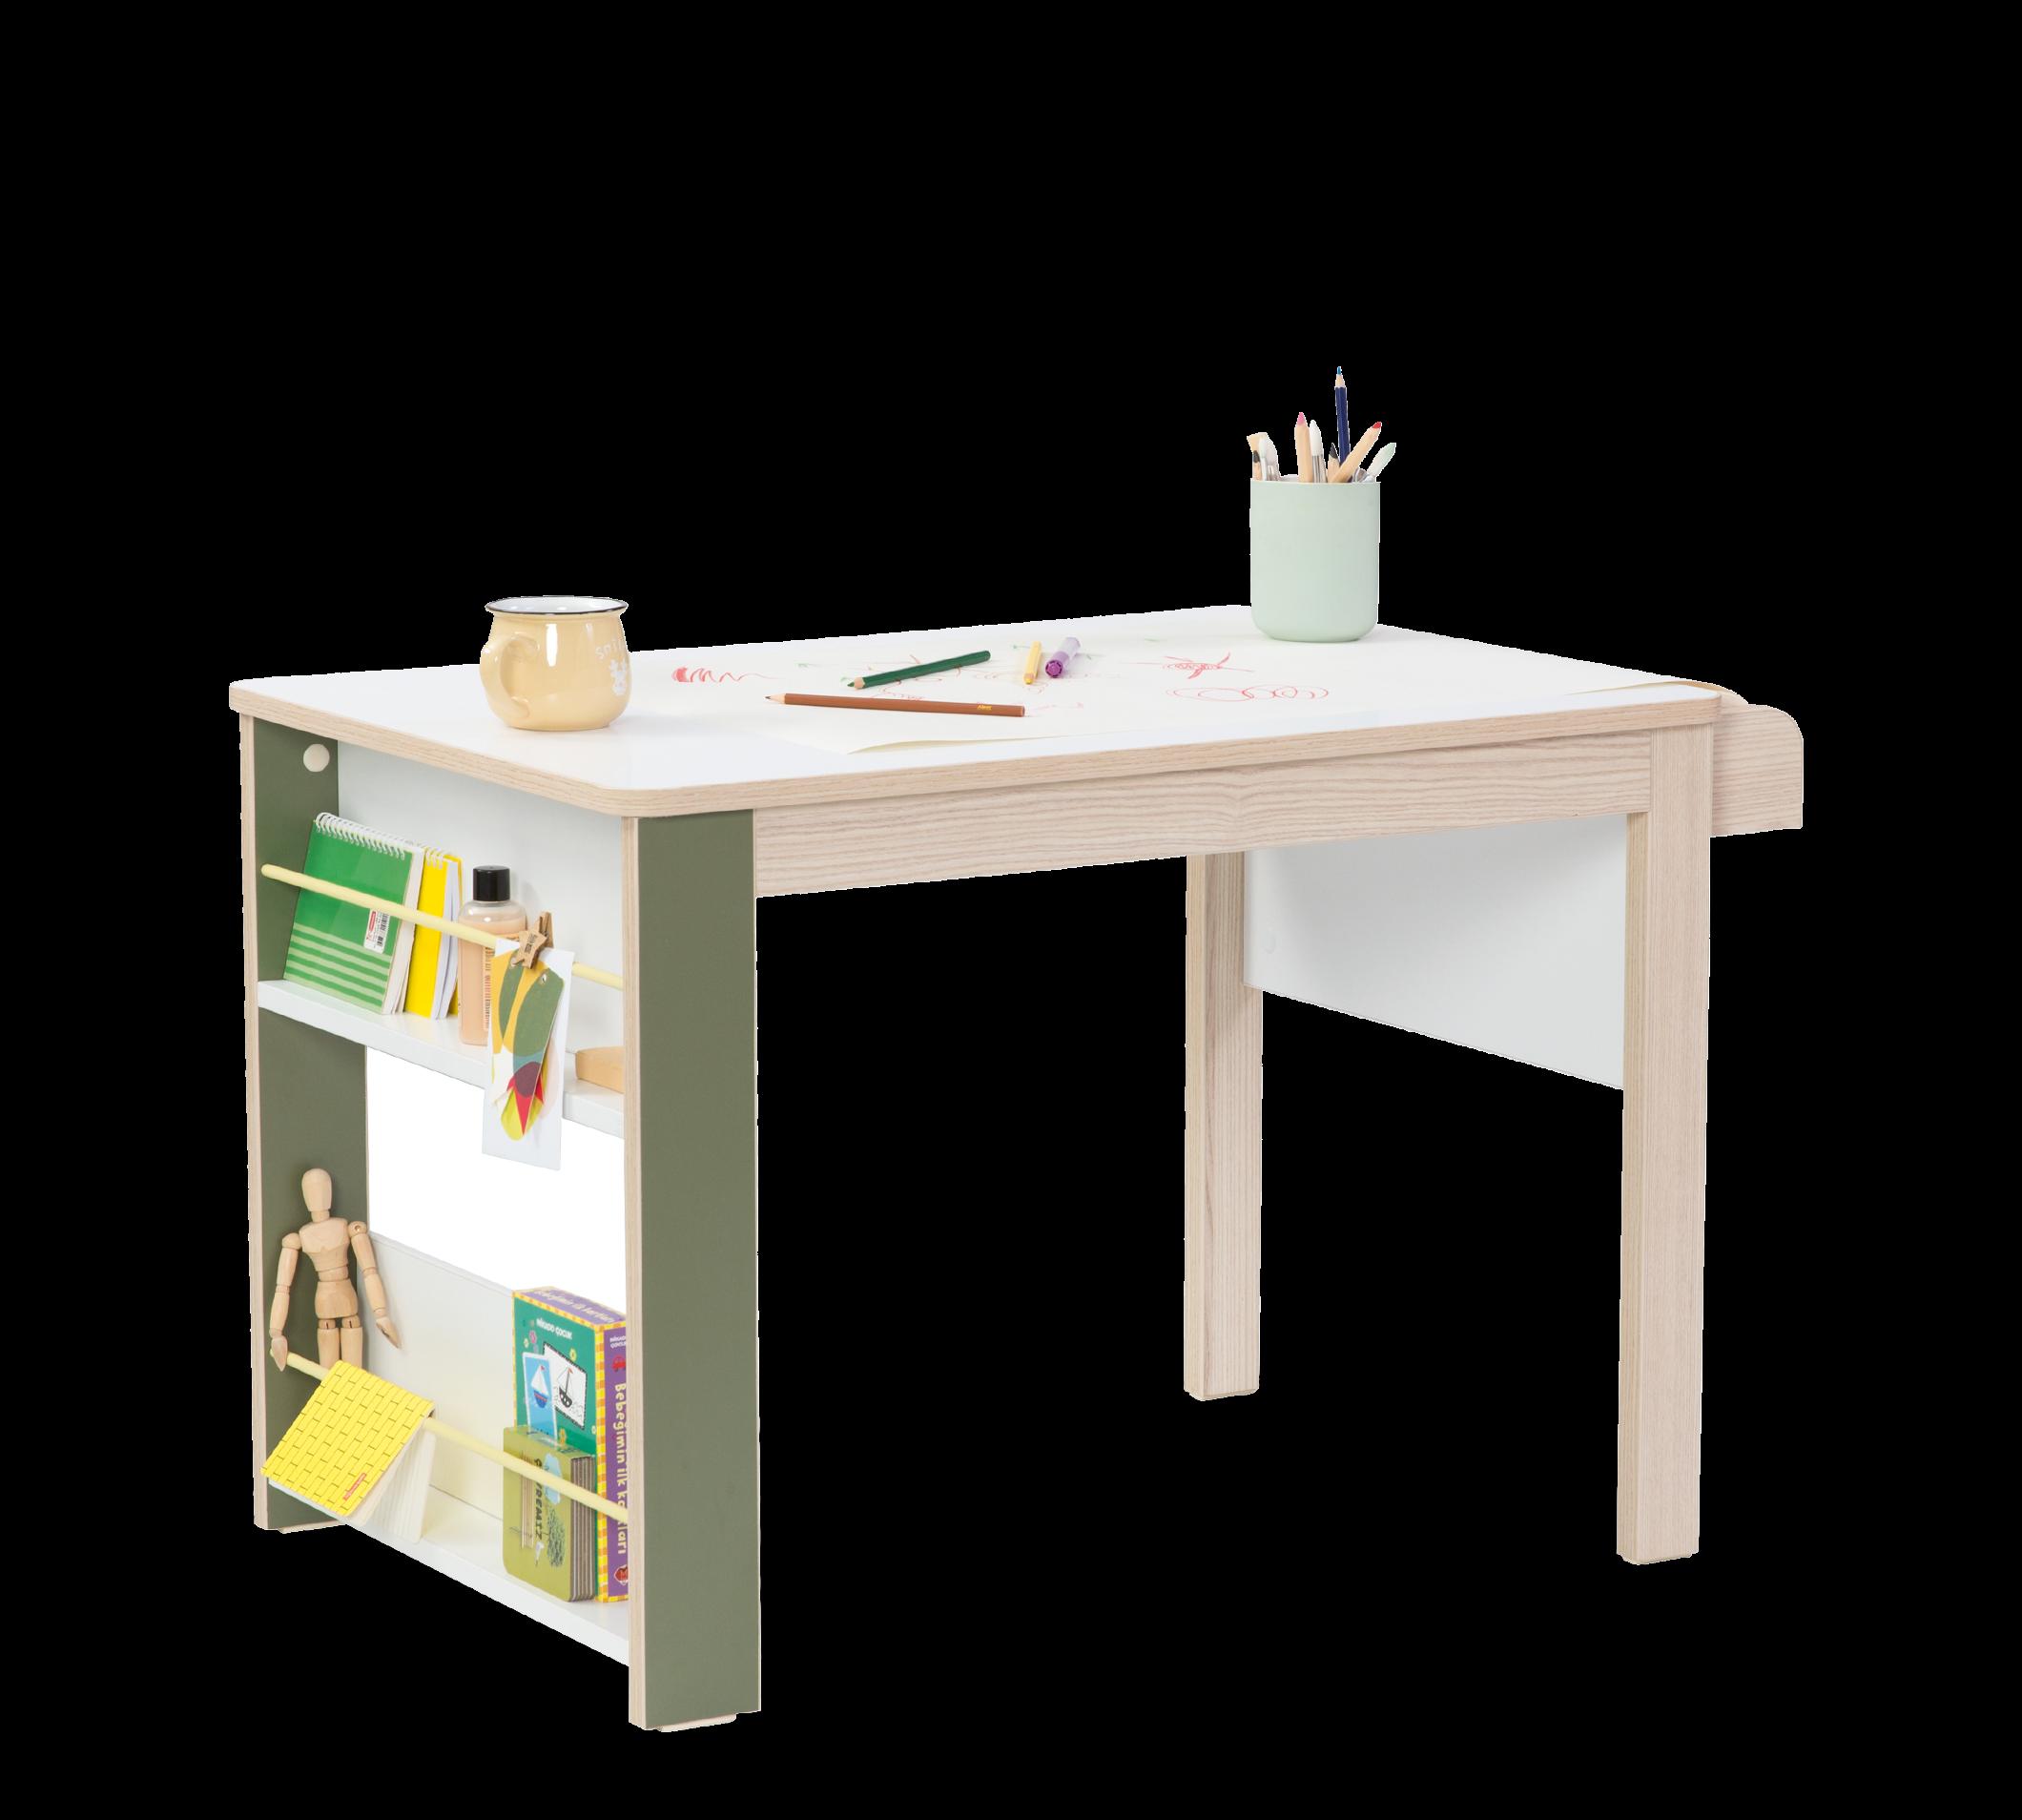 cm 139 H199 x 56 Bianco e Verde Armadio Tre Ante per cameretta Bambini Serie: Dafne-Montessori